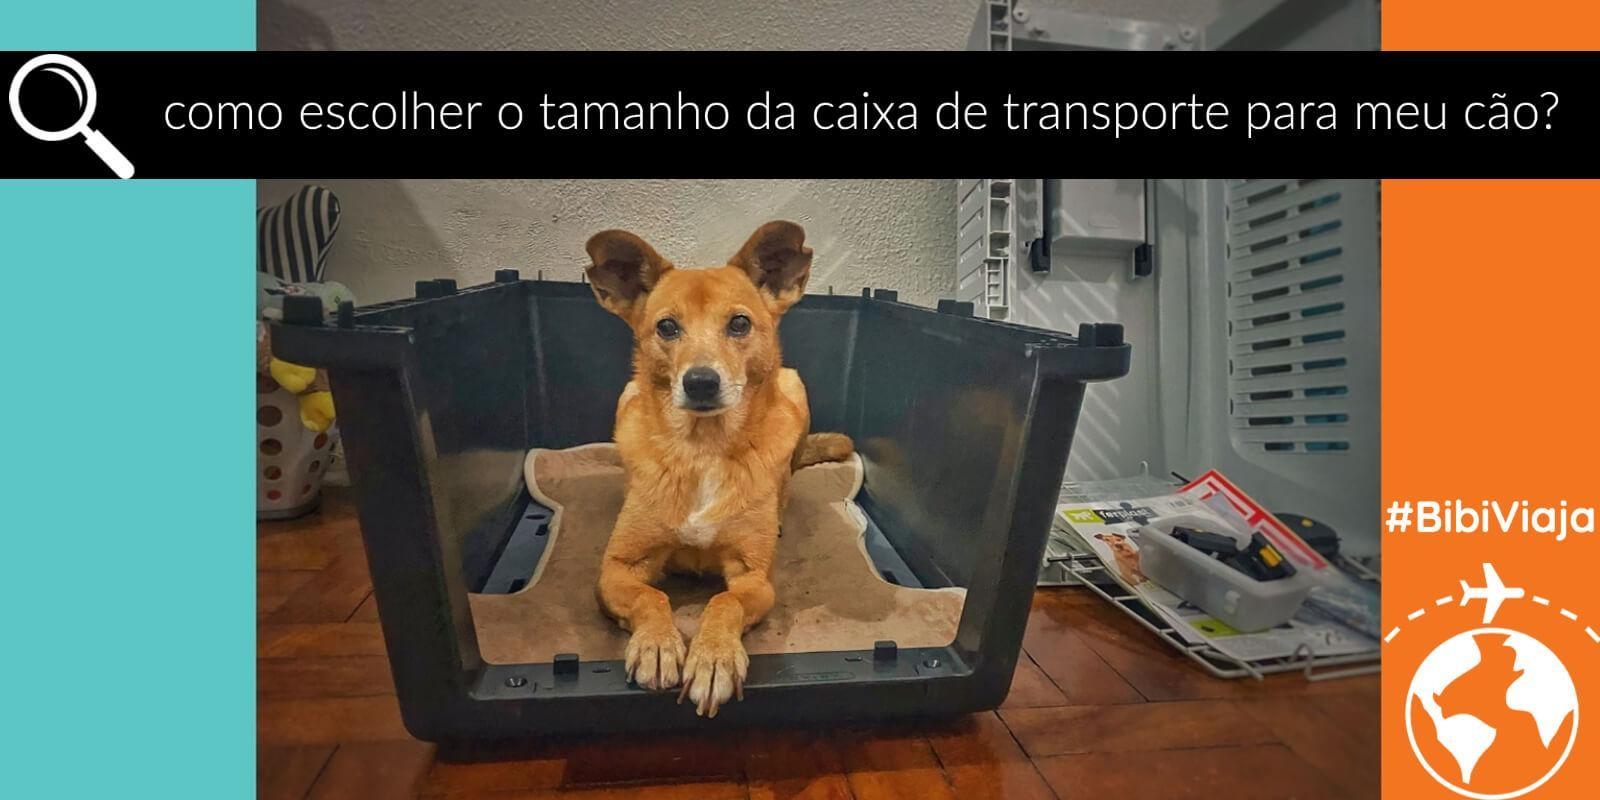 Lambeijos, Carla Ruas - Como escolher o tamanho da caixa de transporte para o meu cão?